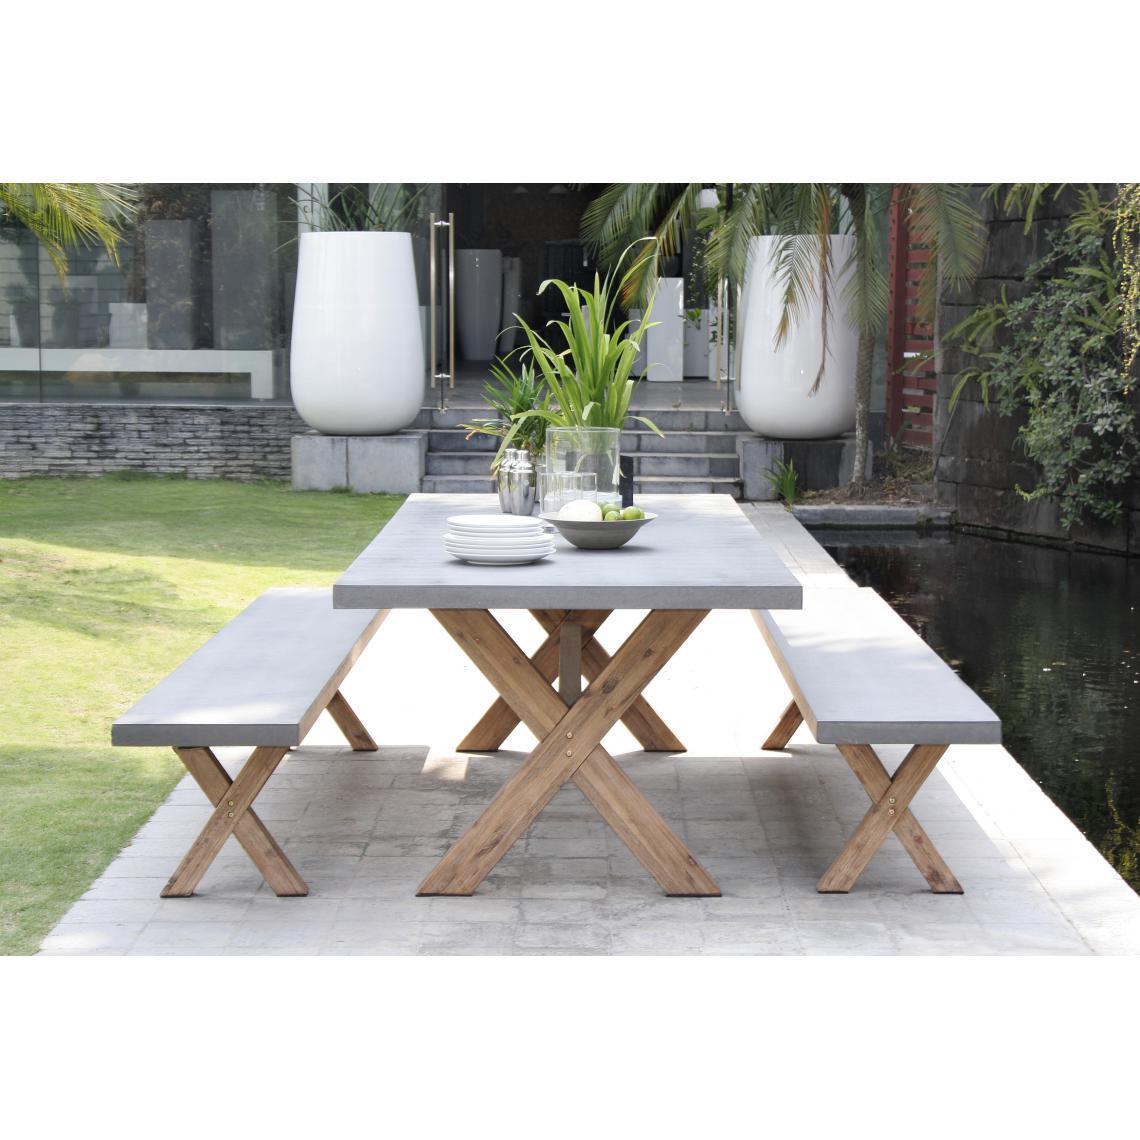 Ensemble Table De Jardin Table Rectangulaire En Fibre De Ciment Et Acacia +  2 Bancs pour Table De Jardin En Ciment